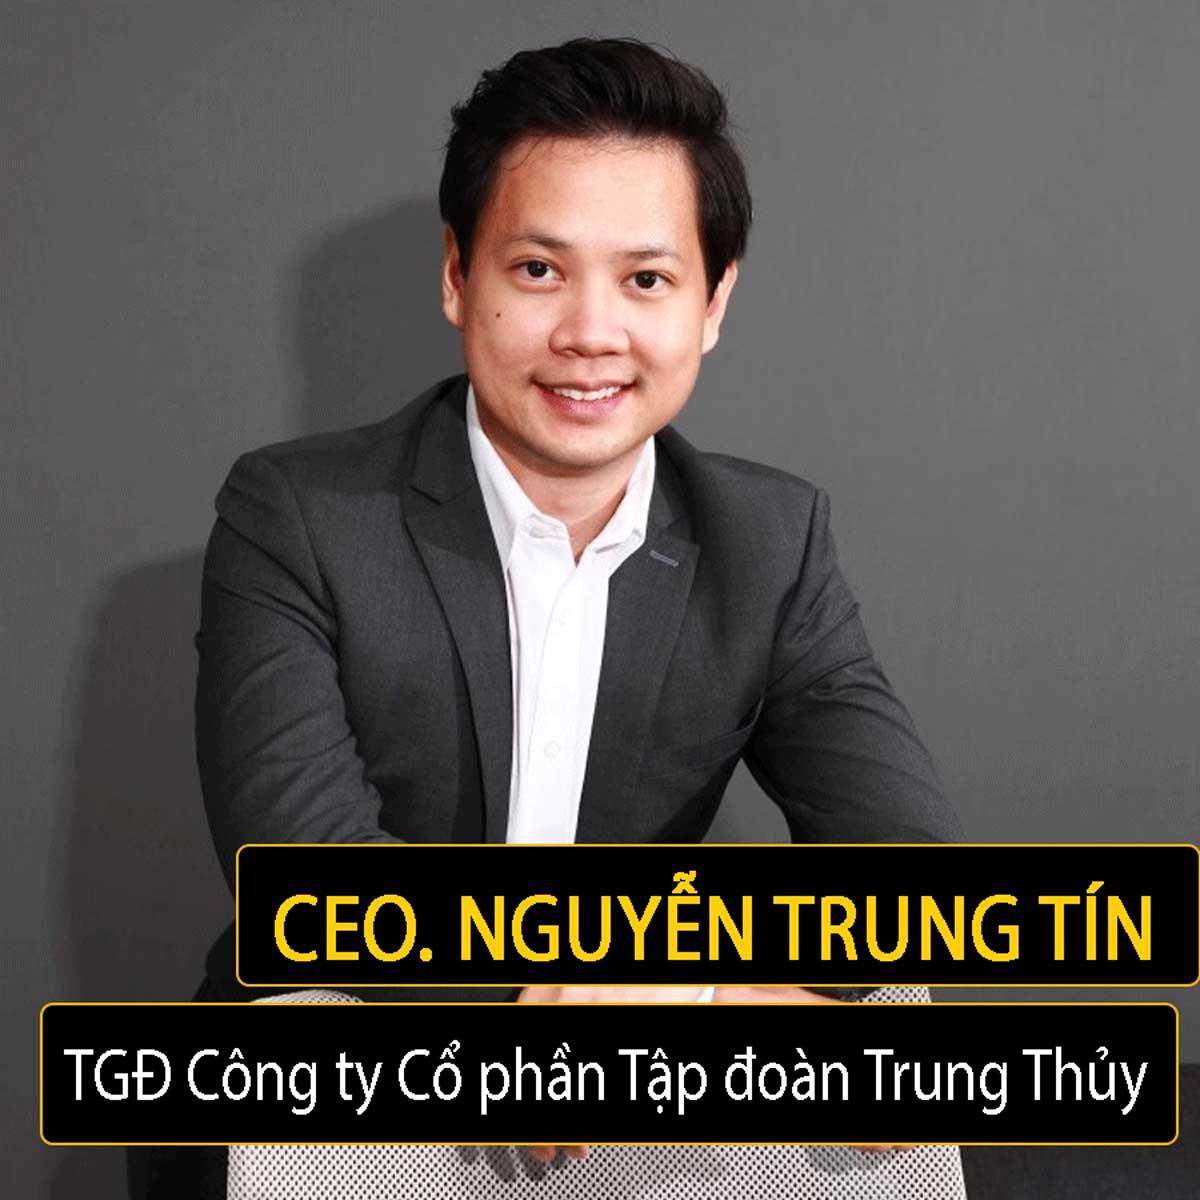 Ông Nguyễn Trung Tín TGĐ Công ty Cổ phần Tập đoàn Trung Thủy - CÔNG TY CỔ PHẦN TẬP ĐOÀN TRUNG THỦY